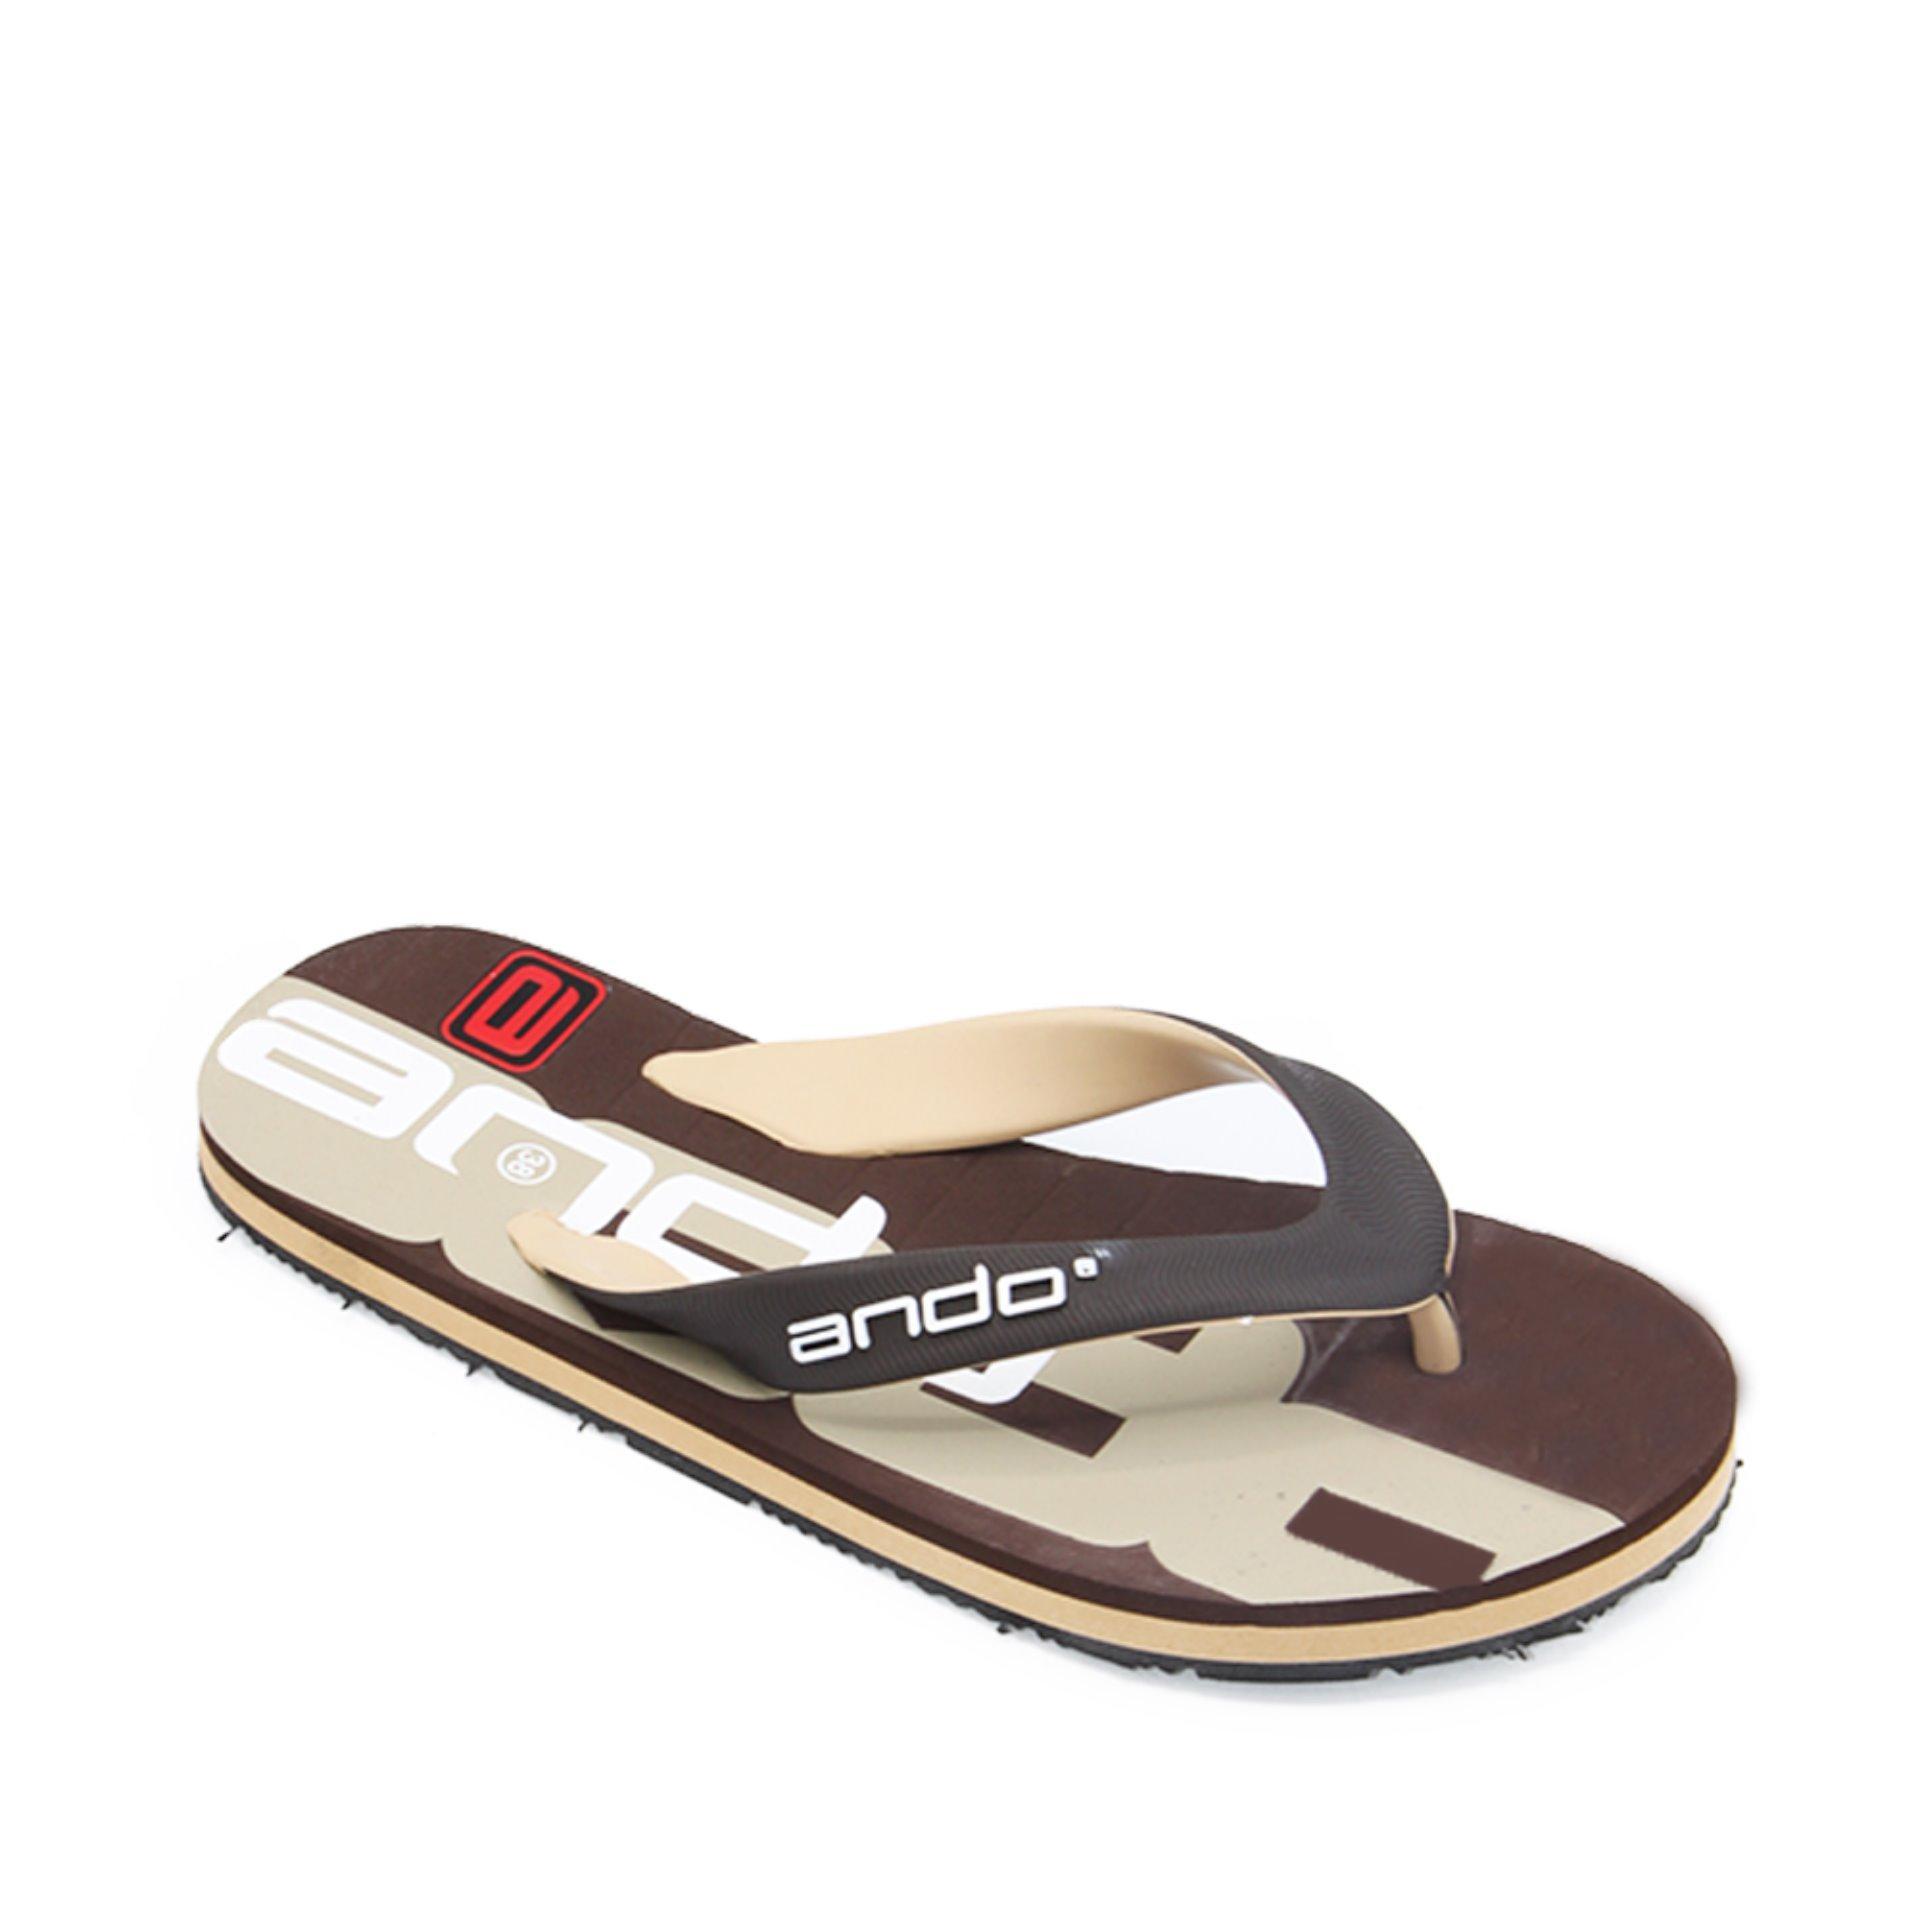 Harga Ando Sandal Jepit Super Grang 06 Brown Tan Size 38 42 Baru